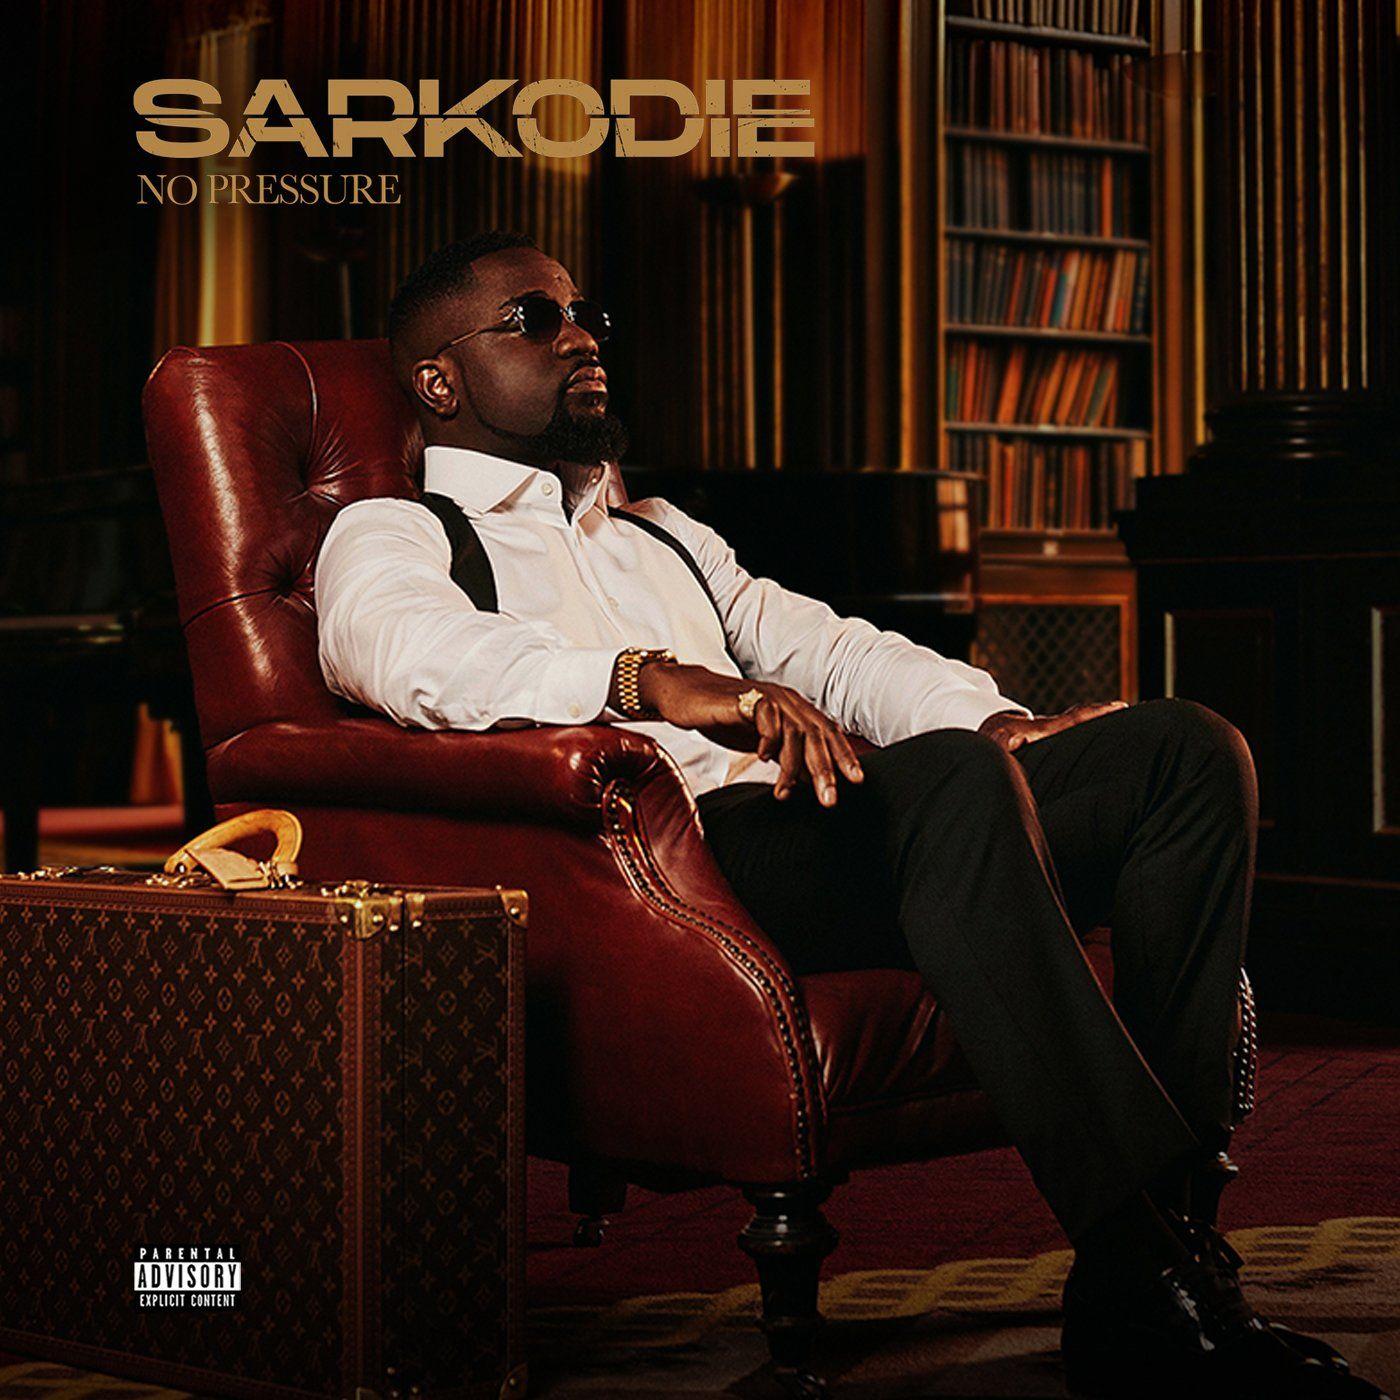 Sarkodie - No Pressure